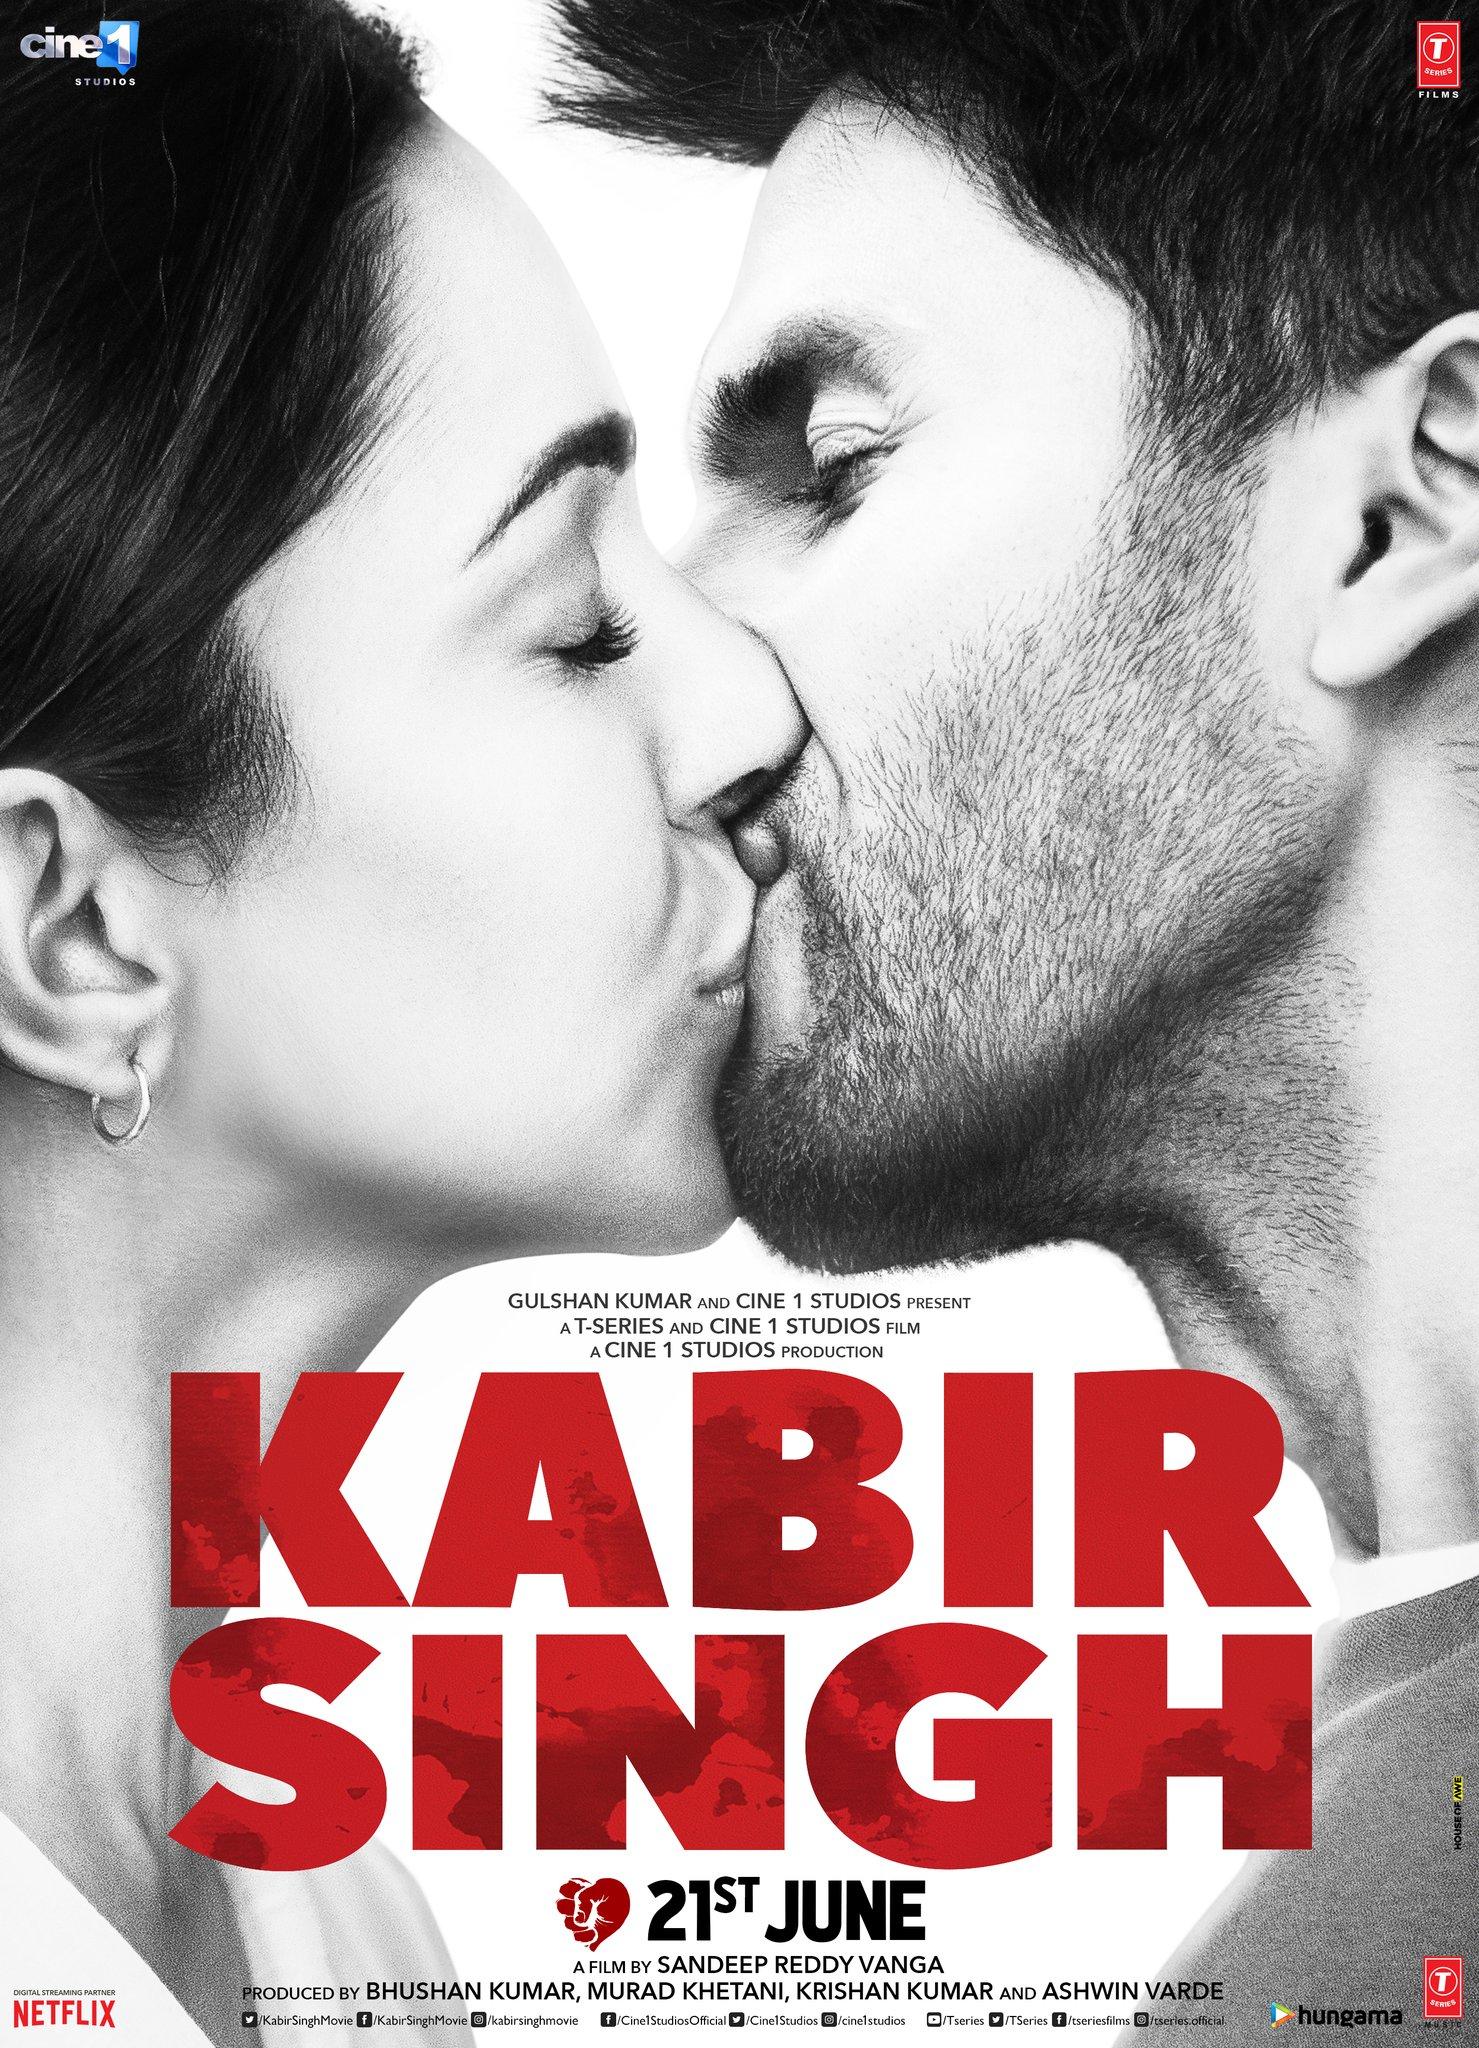 Kabir Singh Movie Fully Leaked Online By Tamilrockers For